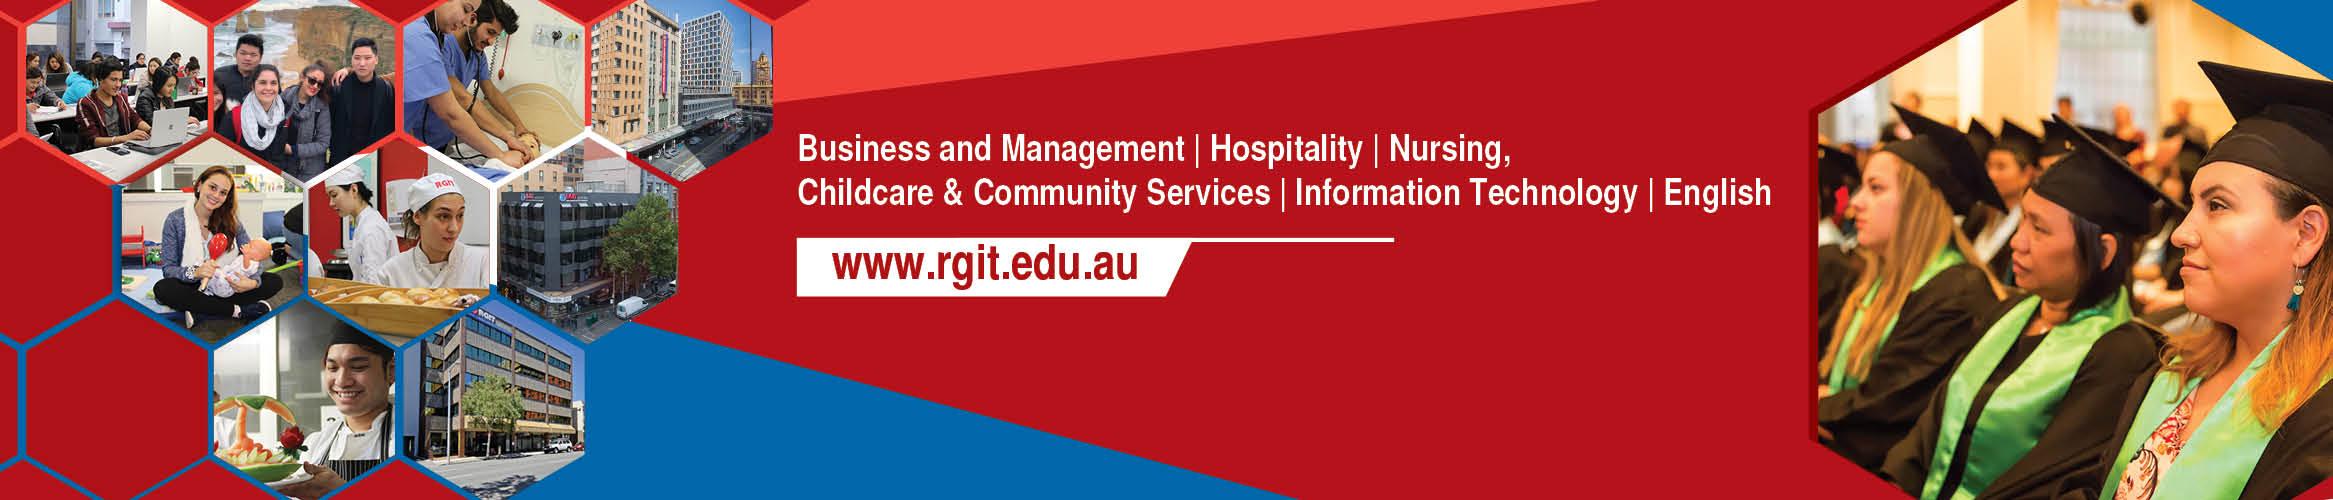 Royal Gurkhas Institute of Technology (RGIT) Australia banner